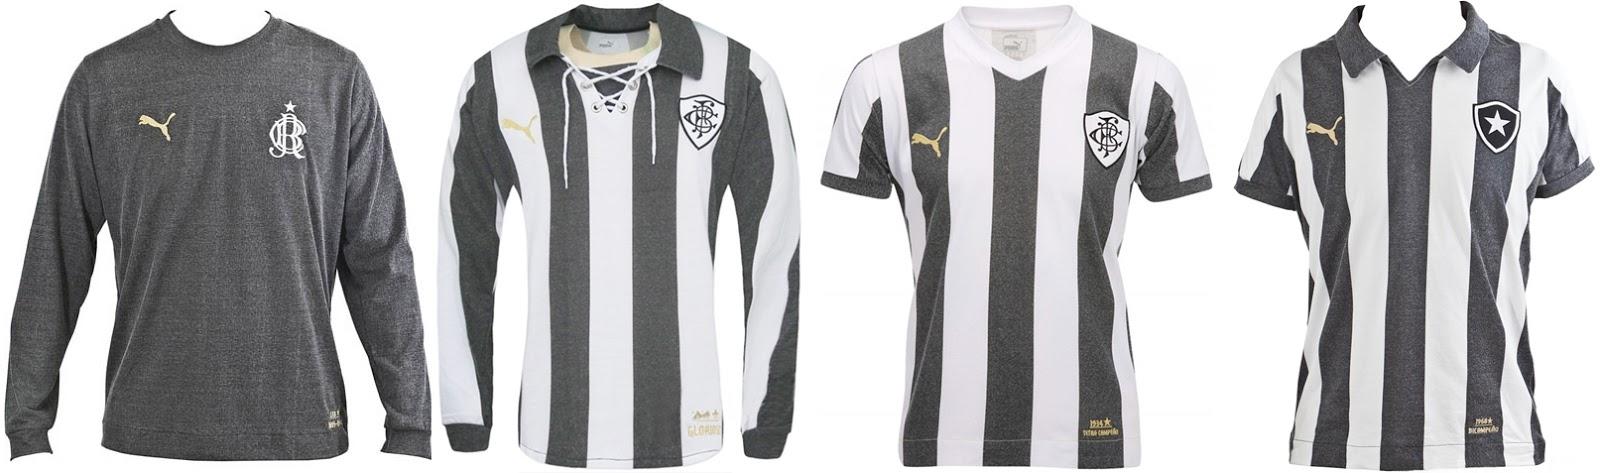 bota1 camiseta pumabotanogo retro 1894 a7a84533d900b